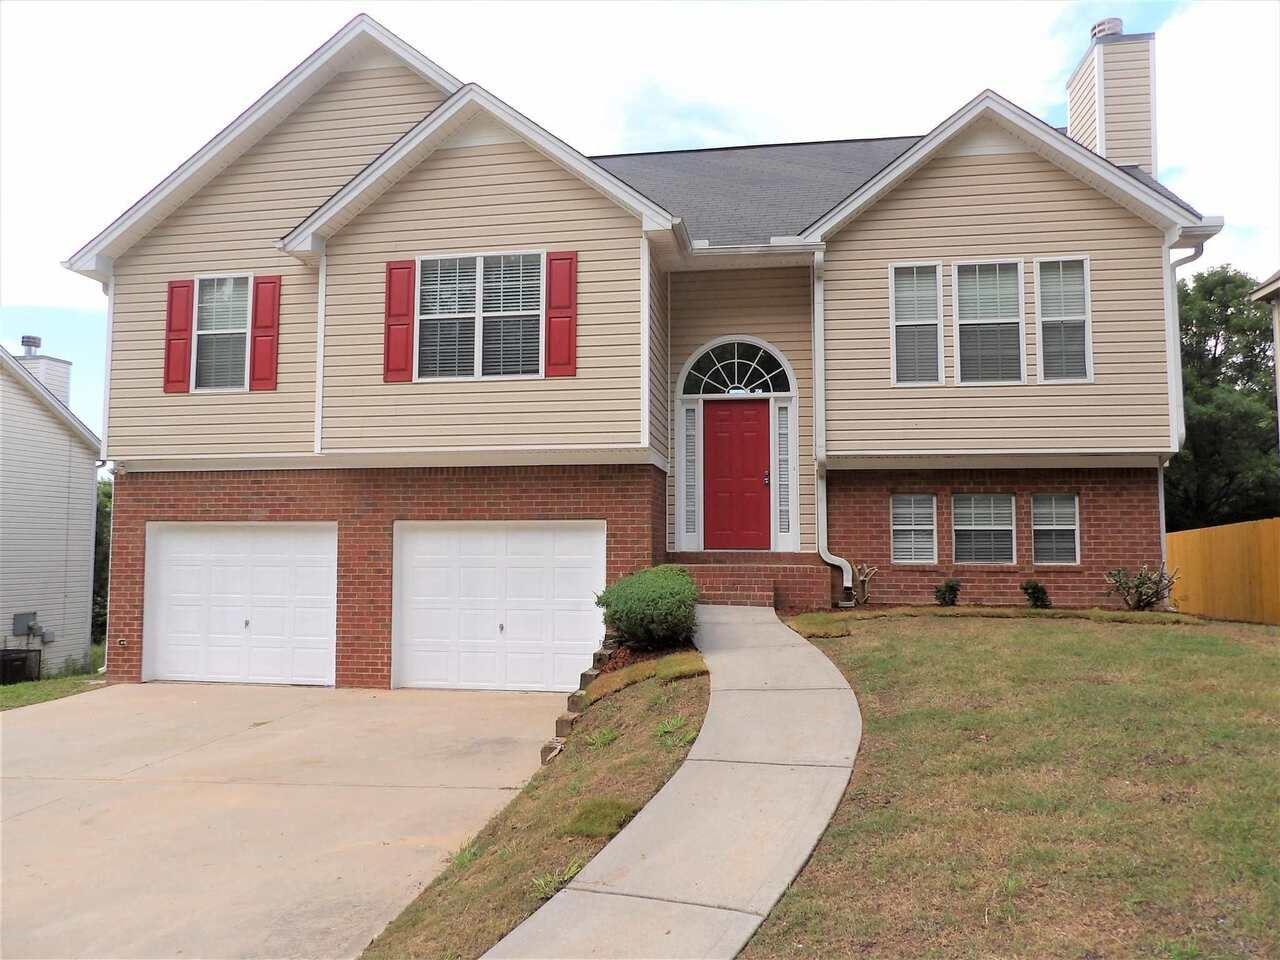 2026 Sandlake Dr, Atlanta, GA 30331 - #: 8995923